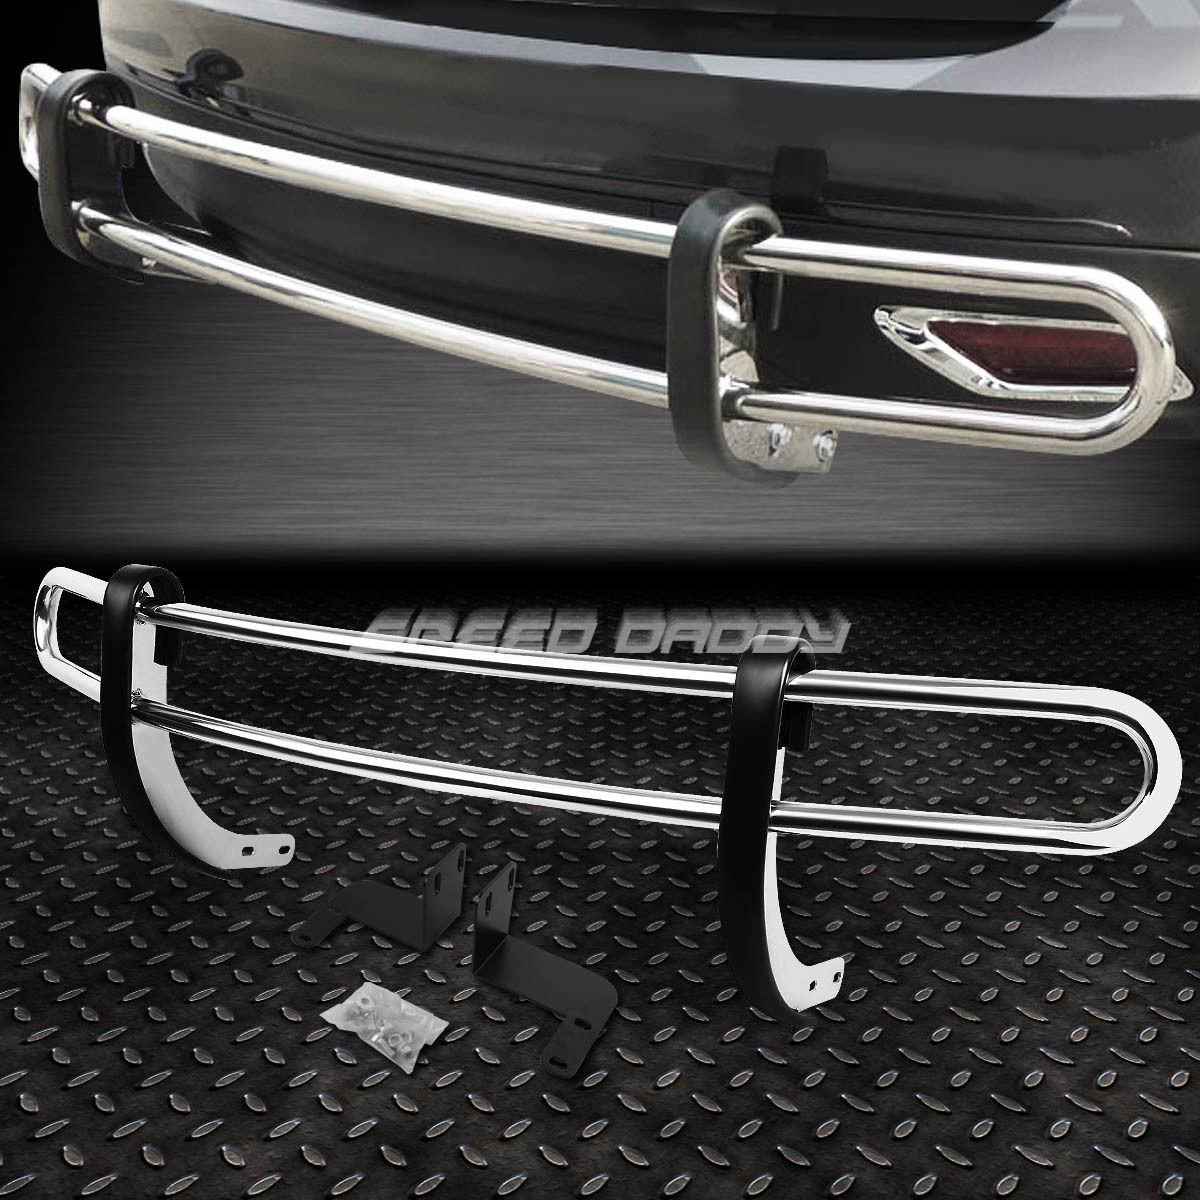 グリル 08-15日産自動車用ステンレススチールダブルリヤバンパープロテクターガード STAINLESS STEEL DOUBLE BAR REAR BUMPER PROTECTOR GUARD FOR 08-15 NISSAN ROGUE